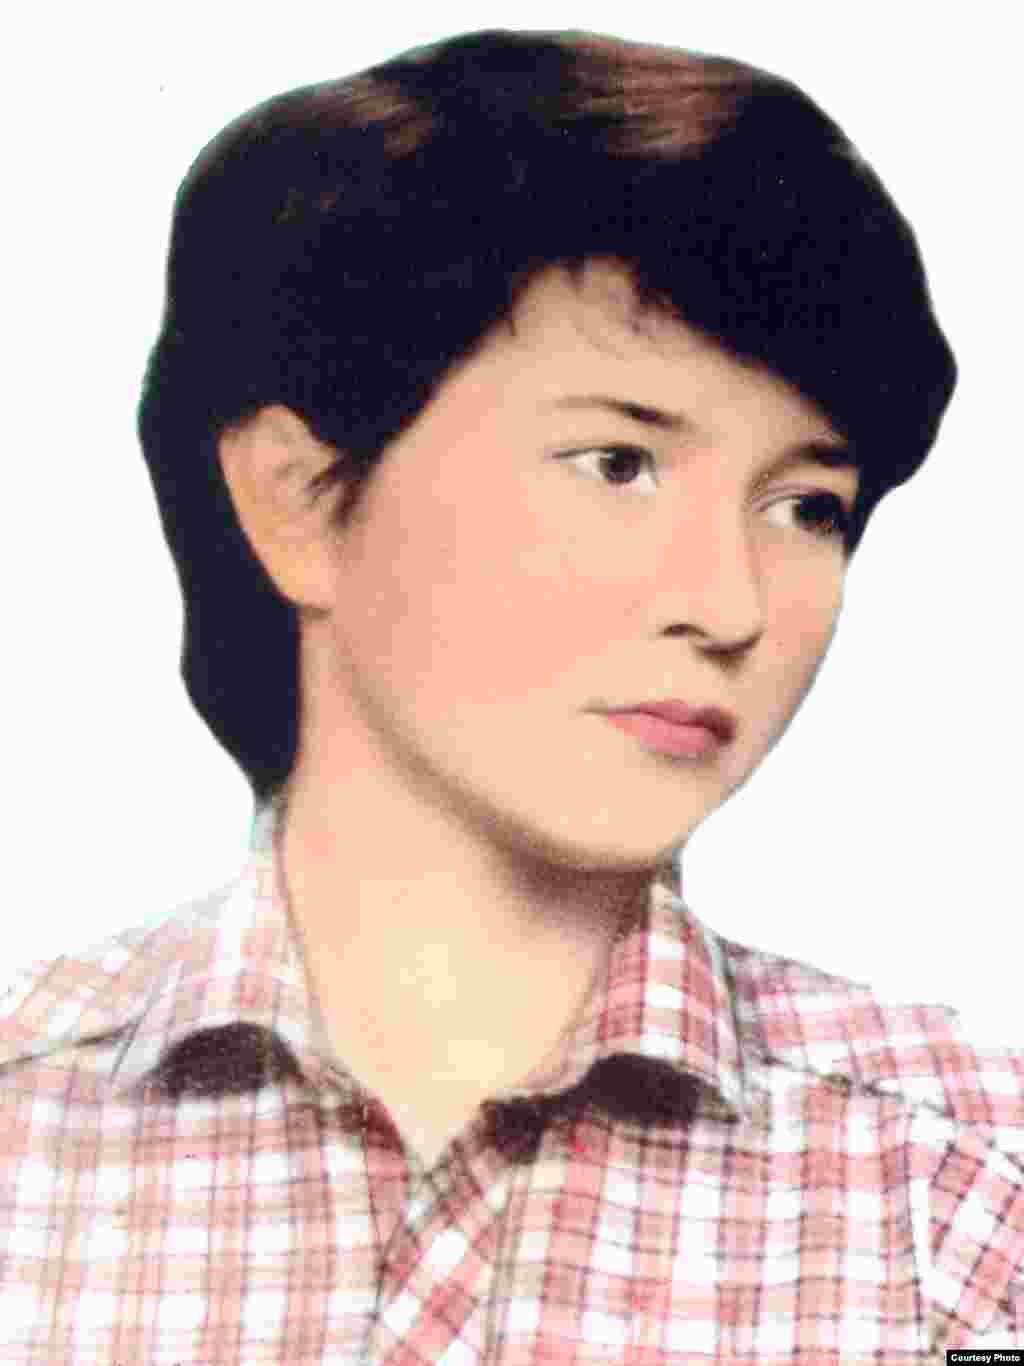 Ляззат 16 лет. Алматы, 1986 год. Ляззат погибла при невыясненных обстоятельствах после допроса в КГБ в декабре 1986 года.